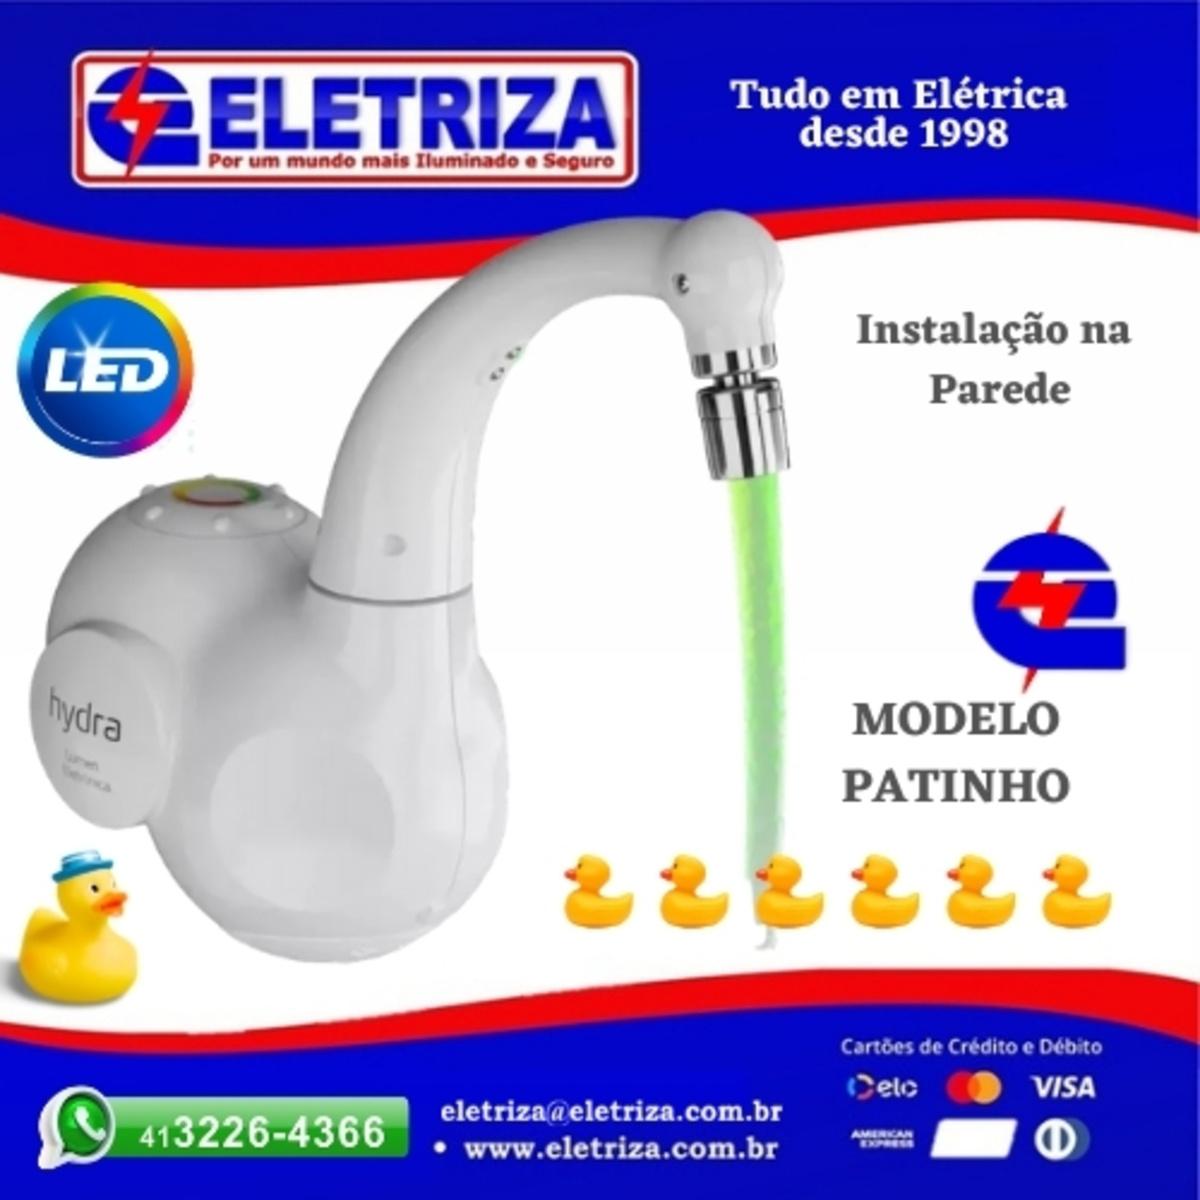 TORNEIRA  ELETRICA  PATINHO DE PAREDE - ELETRÔNICA LUMEN 5500W 127V HYDRA  LED